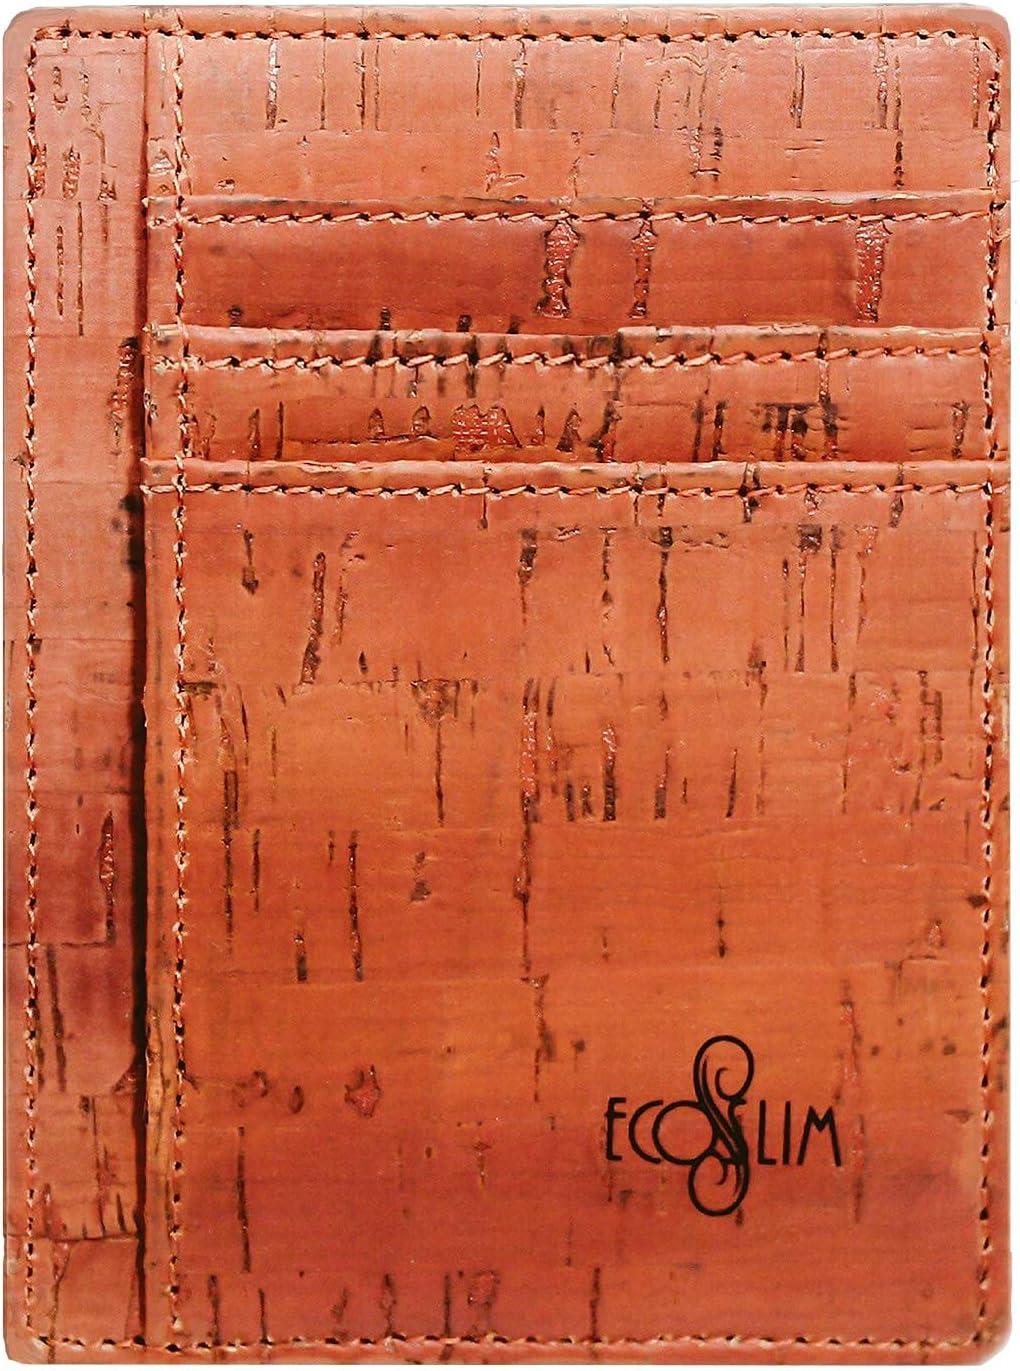 Eco Slim Wallet Minimalist Front Pocket Wallet RFID Credit Card Holder Cork